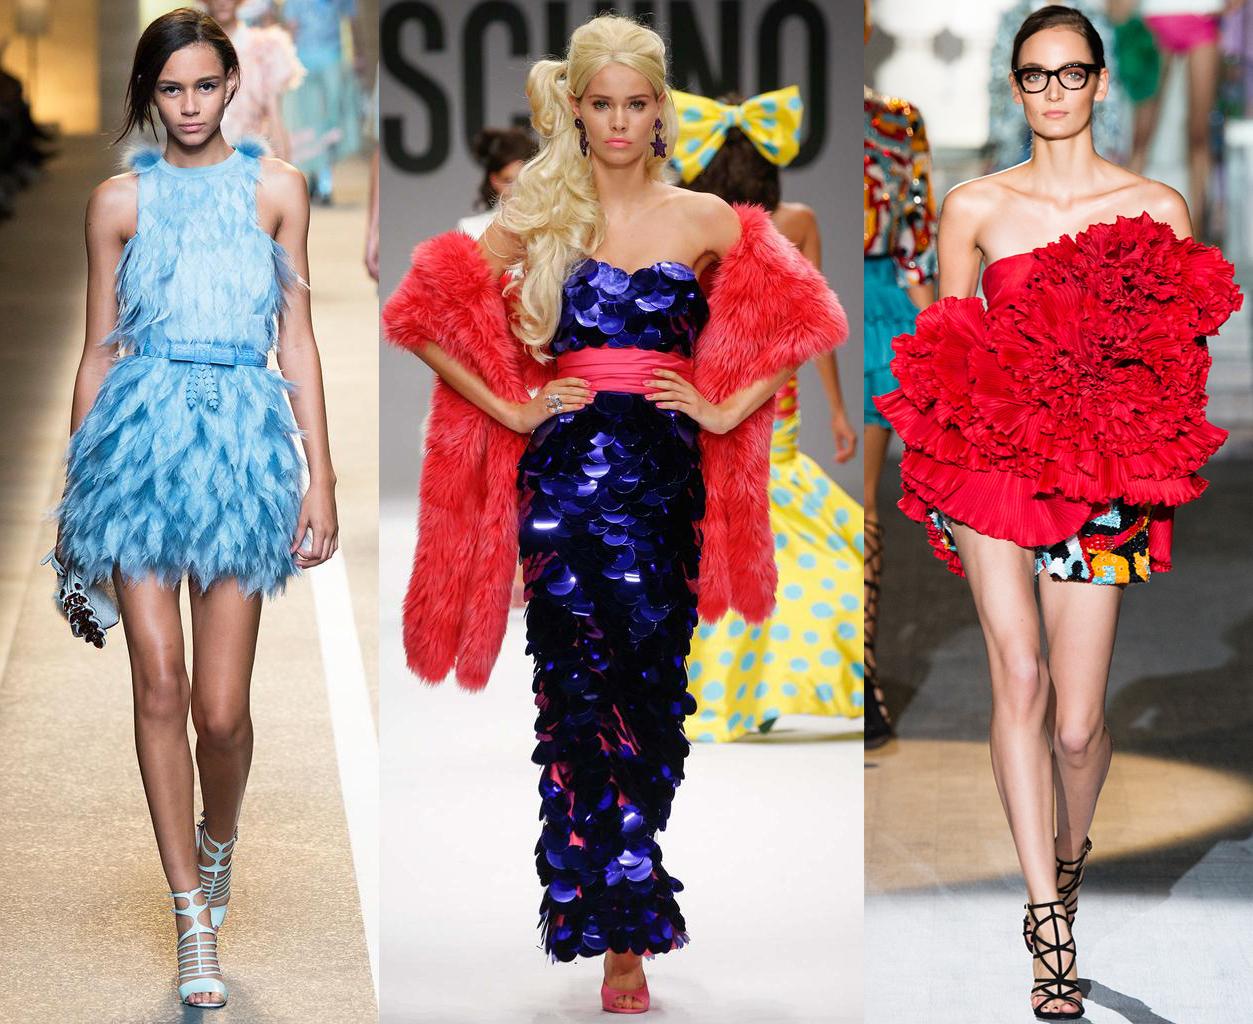 Неделя моды в Милане: 5 главных тенденций - фото №1